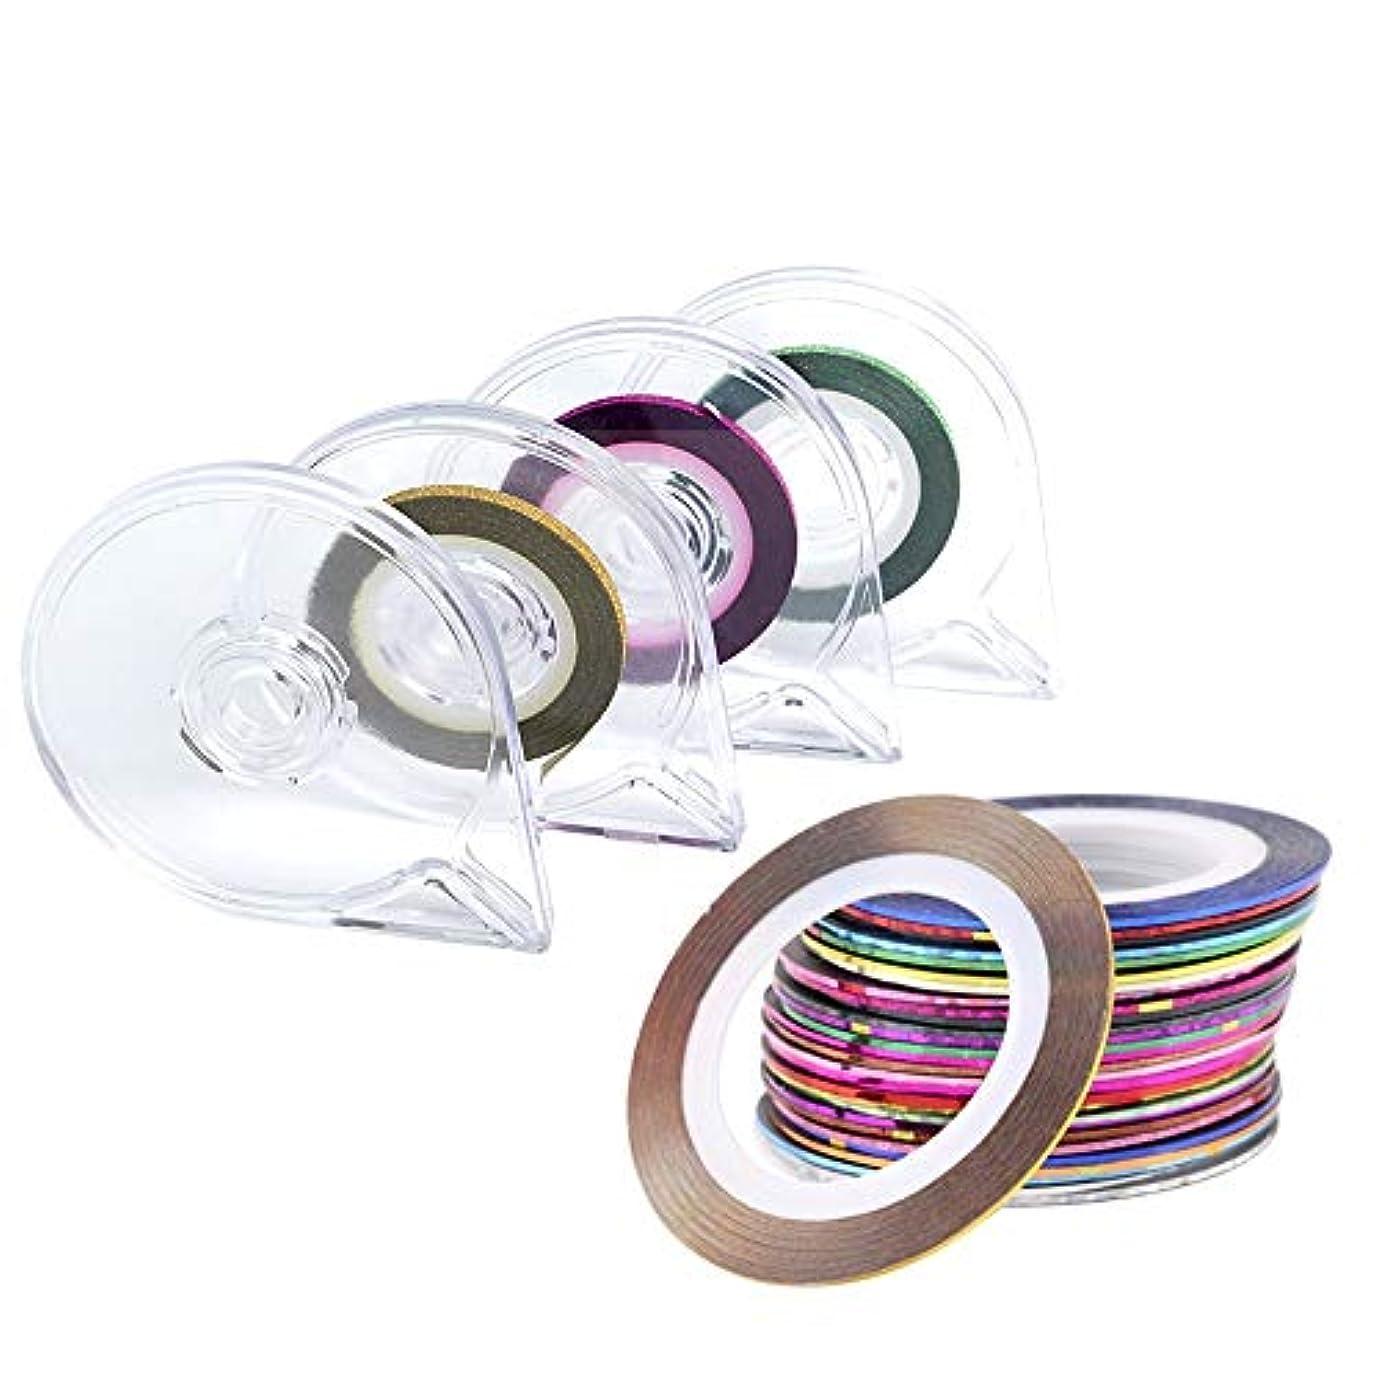 一般的な排除批判するビューティフル 女性 レーザーラインテープネイルアート用 ラインテープ シート ジェルネイル用 マニキュア セット ジェルネイル アート用ラインテープ 専用ケース付き 30ピース (Color : Mixed Colour)